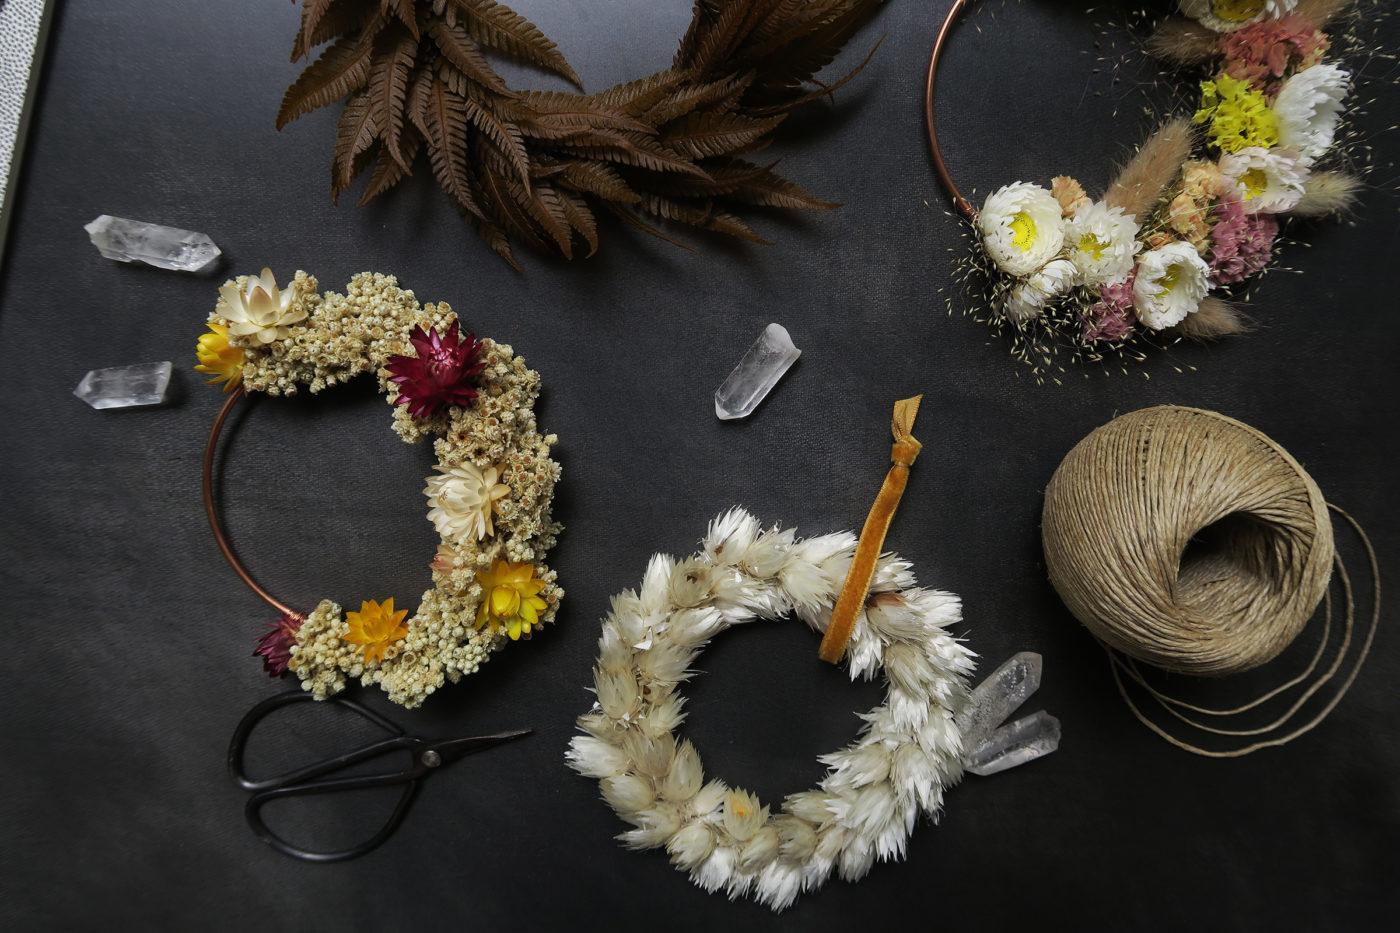 couronne de fleurs séchées décoration murale atelier hosta toulouse automne hiver idée cadeau femme maison bohème pampa bruyère rose beige